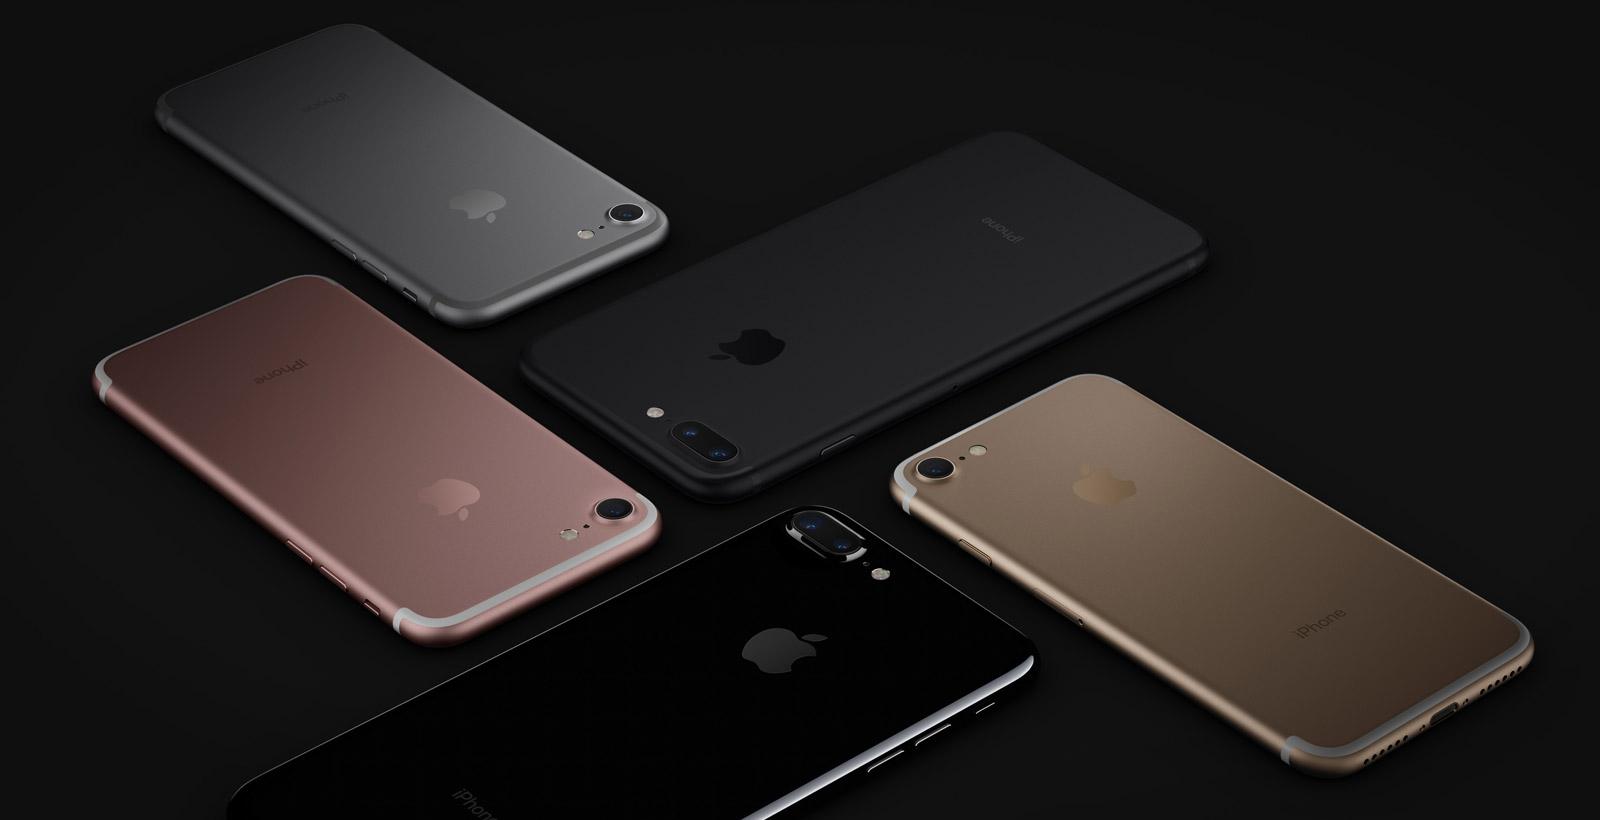 La keynote d'Apple a dévoilé l'iPhone 7, qui devient résistant à l'eau !